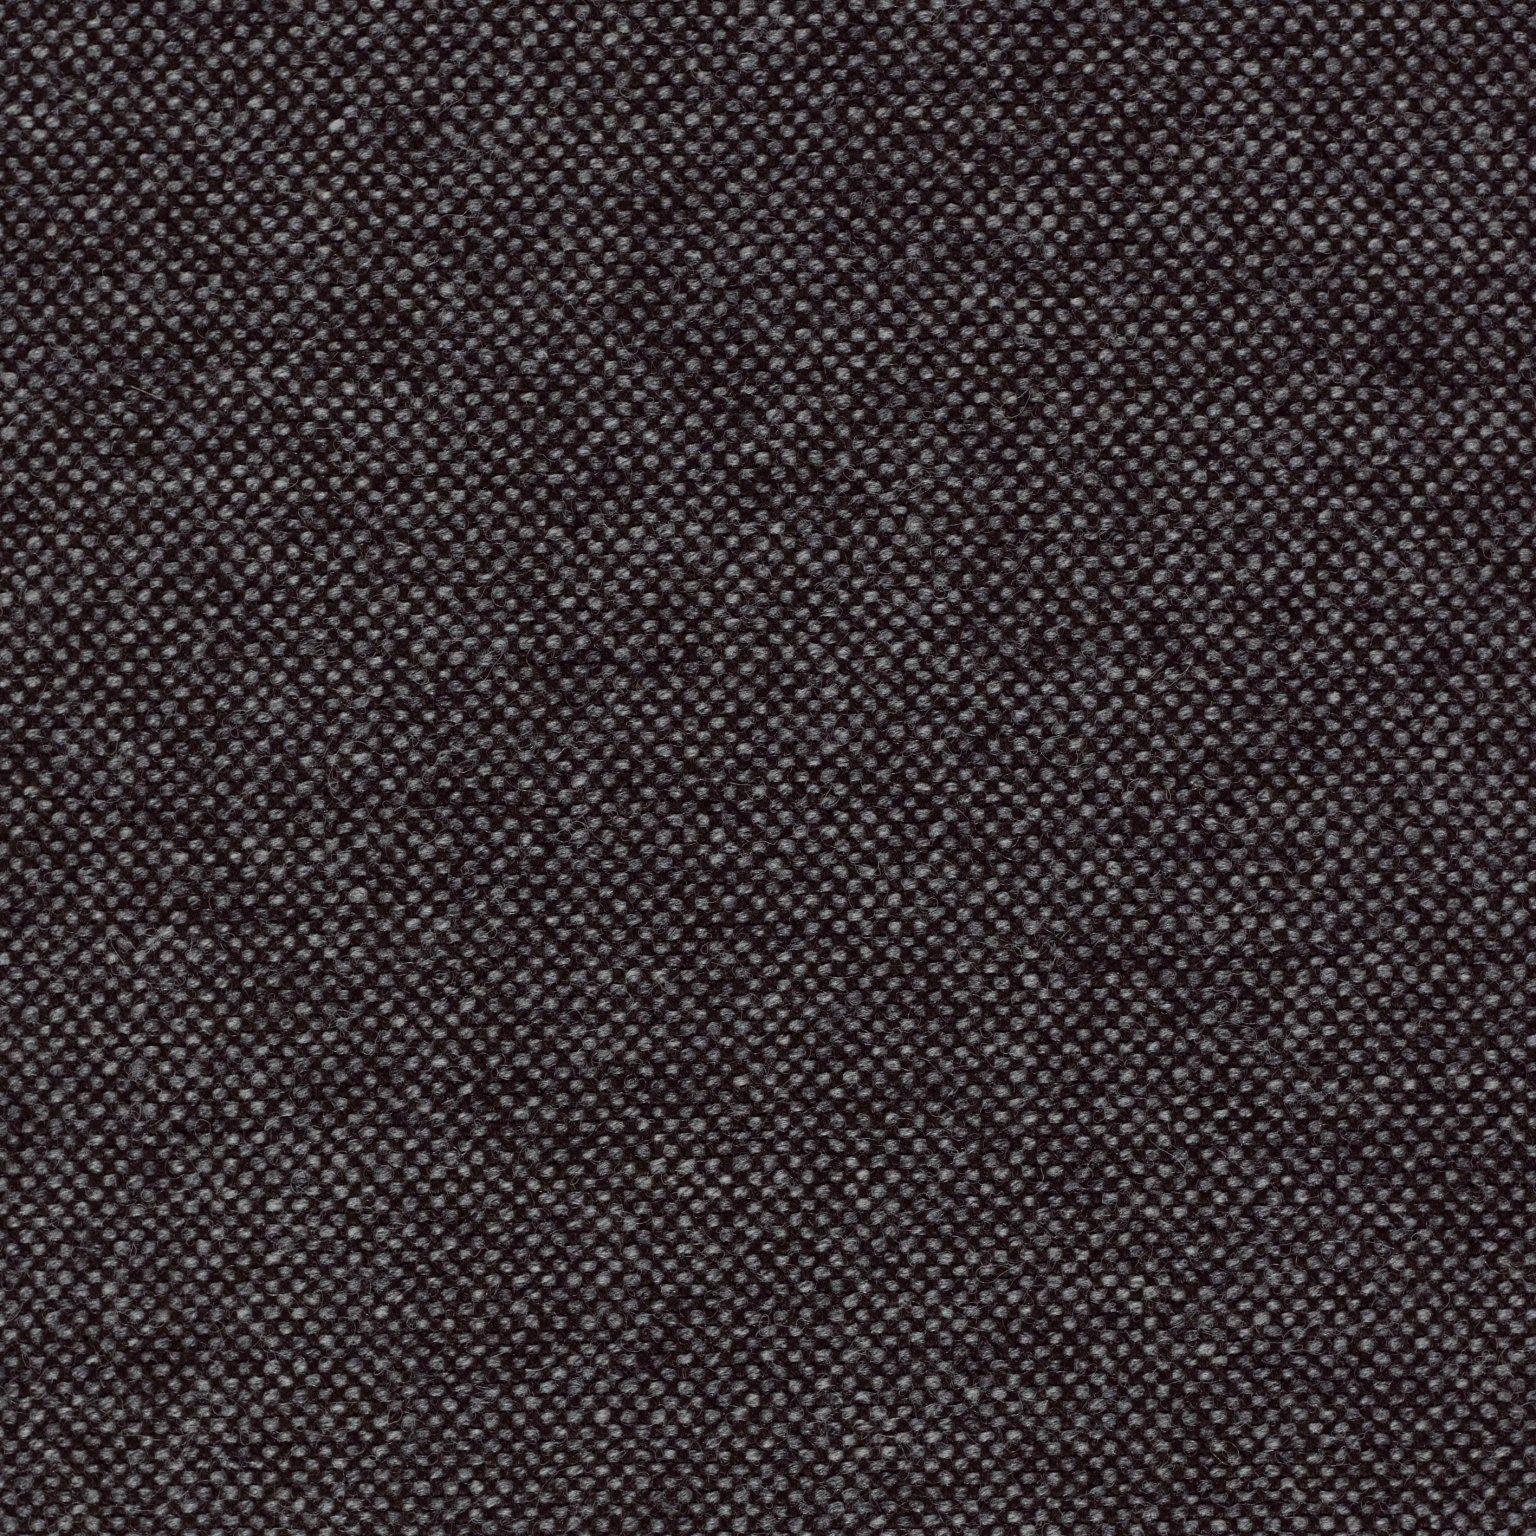 lysegrå-sort malange hallingdal 65-0